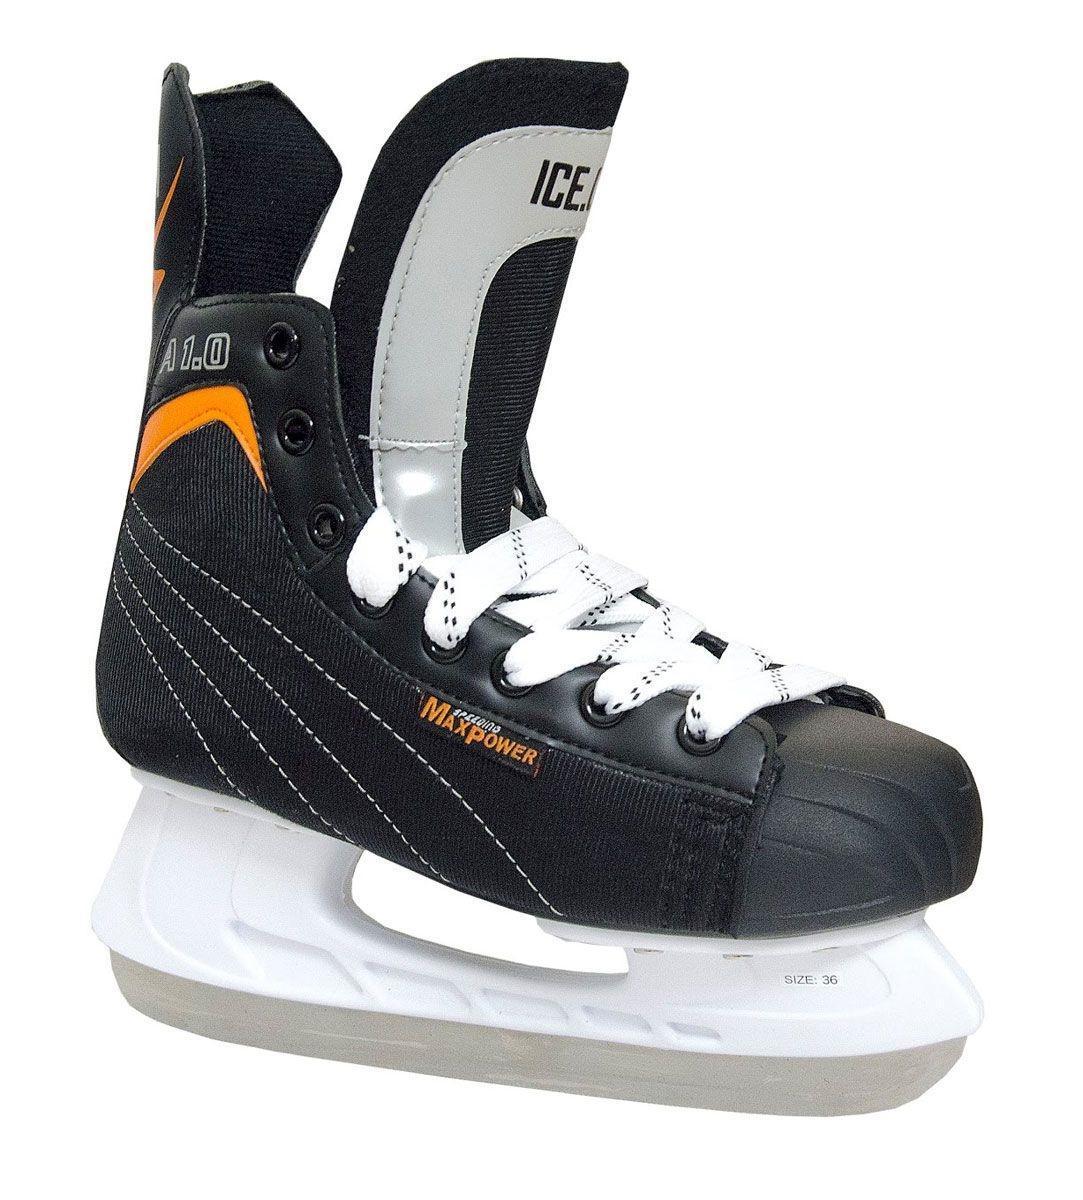 Коньки хоккейные Ice.Com A 1.0 2014, цвет: черный, оранжевый. Размер 36Atemi Force 3.0 2012 Black-GrayКоньки A 1.0 предназначены для игры в хоккей. Верх ботинка выполнен из морозостойкой искусственной кожи и нейлона. Мысок - морозостойкий ударопрочный PU, подошва - морозостойкий ПВХ. Толстый войлочный язык. Удобный высокий ботинок с широкой анатомической колодкой позволяет надежно фиксировать голеностоп.Для того, чтобы Вам максимально точно подобрать размер коньков, узнайте длину стопы с точностью до миллиметра. Для этого поставьте босую ногу на лист бумаги А4 и отметьте на бумаге самые крайние точки Вашей стопы (пятка и носок). Затем измерьте обычной линейкой расстояние (до миллиметра) между этими отметками на бумаге. Не забудьте учесть 2-3 мм запаса под носок.